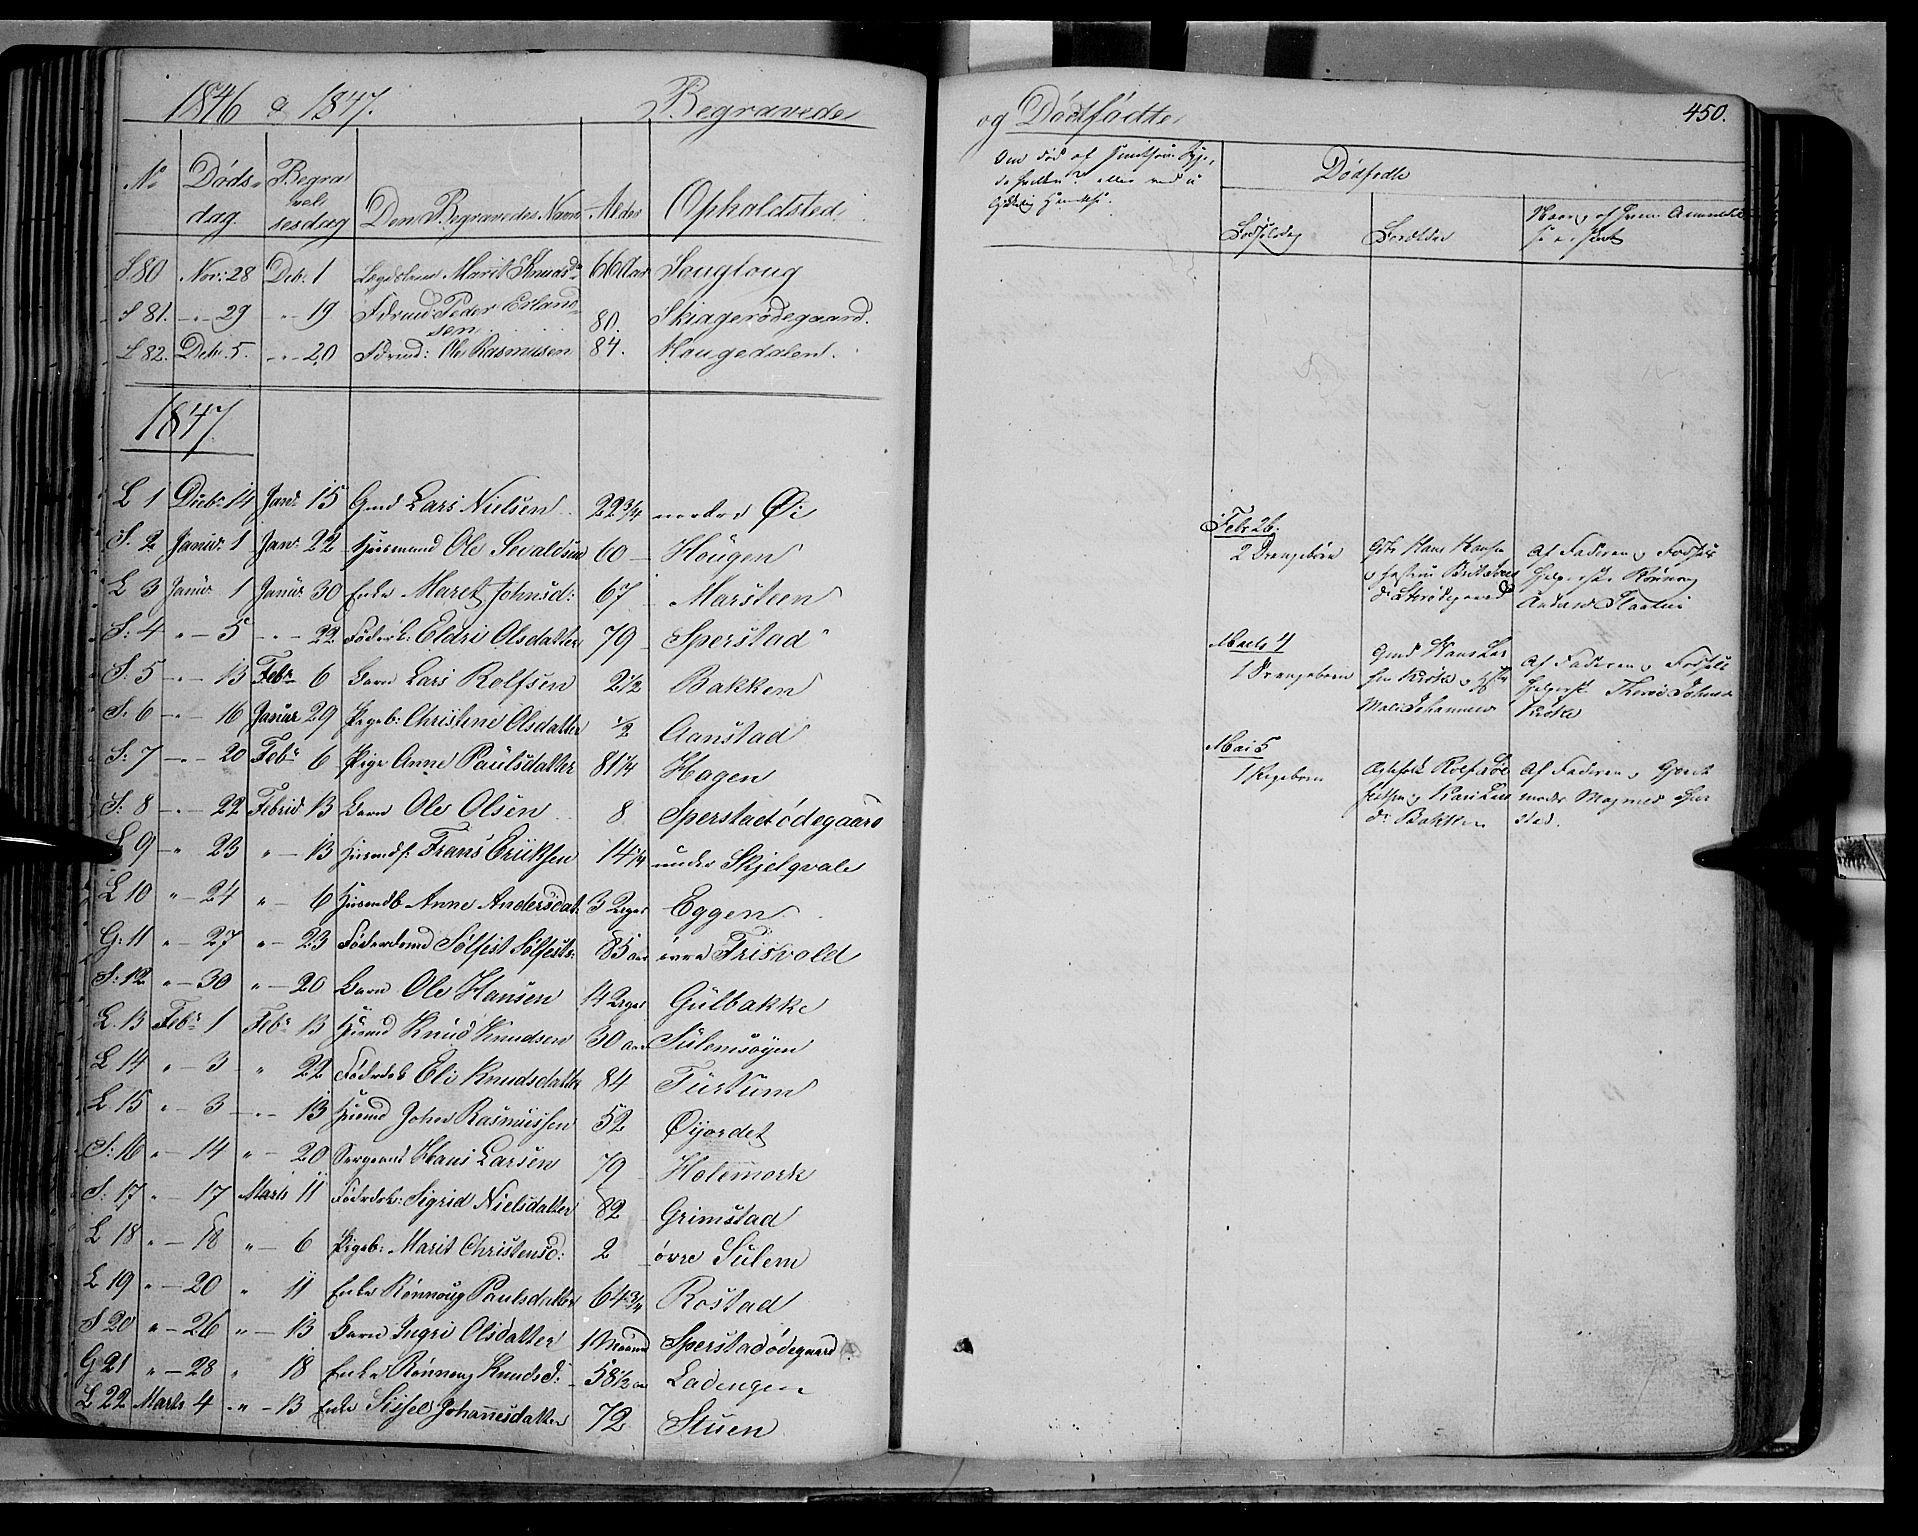 SAH, Lom prestekontor, K/L0006: Ministerialbok nr. 6B, 1837-1863, s. 450